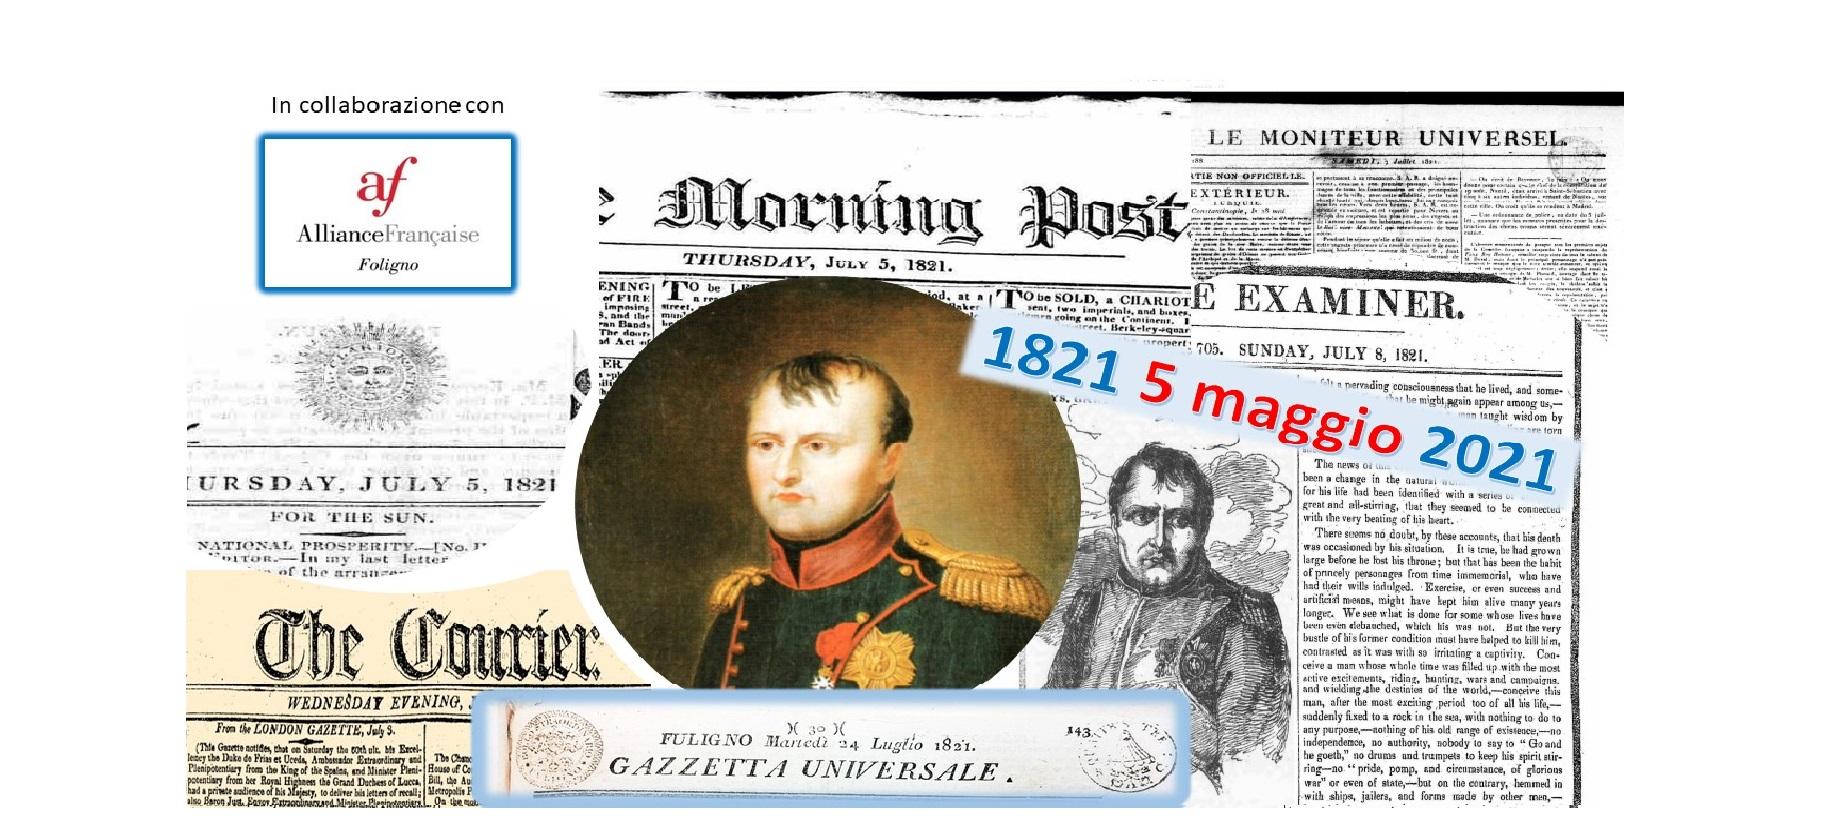 Napoleone Testata